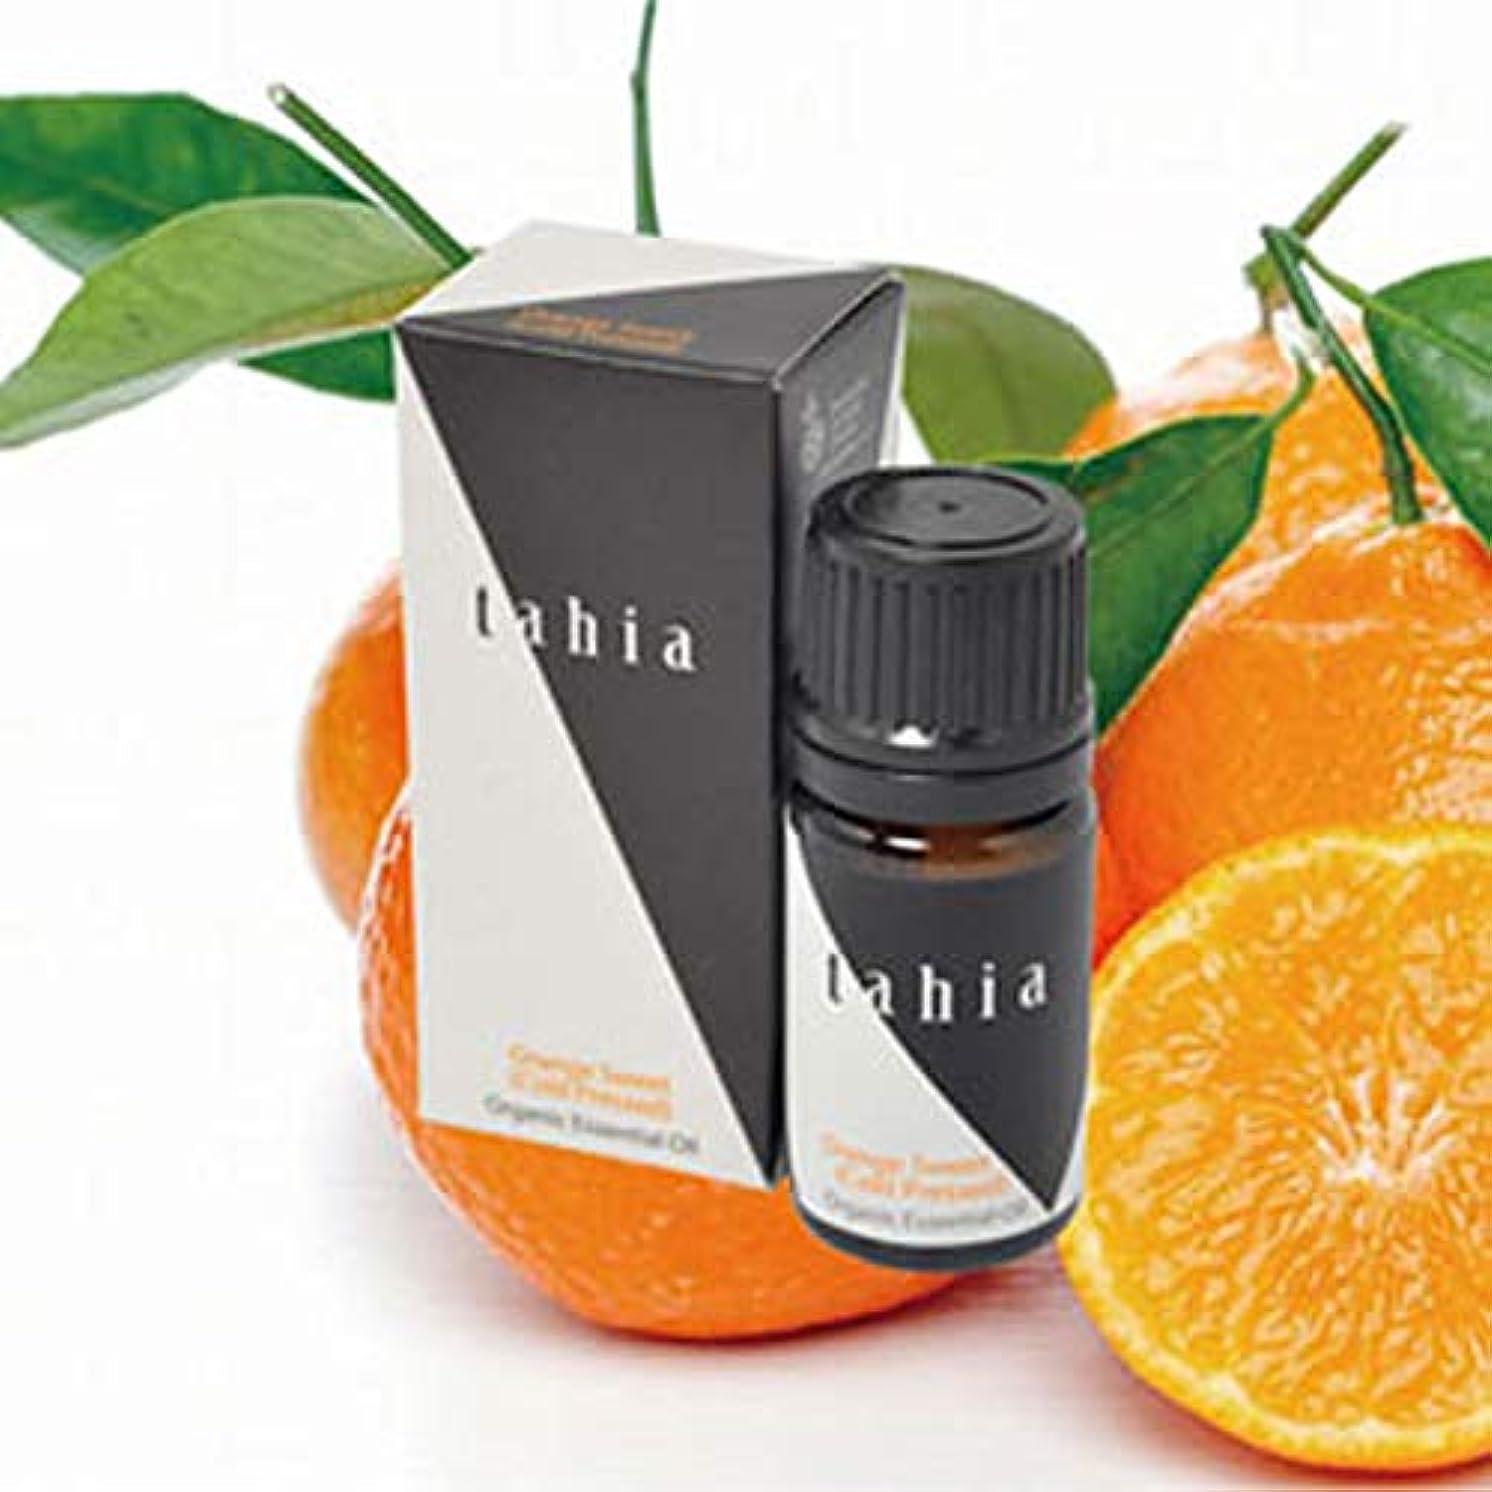 切る絶滅した鋭くタツフト タヒア tahia オレンジ スイート エッセンシャルオイル オーガニック 芳香 精油